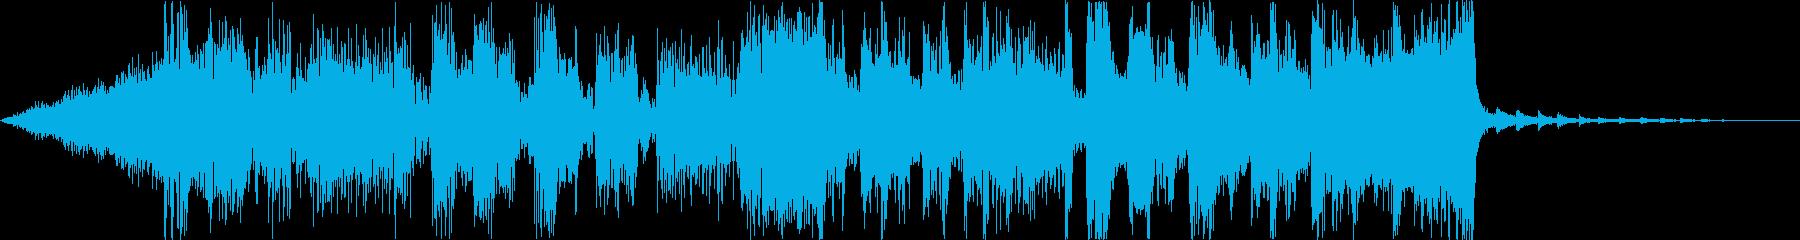 緊迫デジタルダークシネマティックEDMeの再生済みの波形